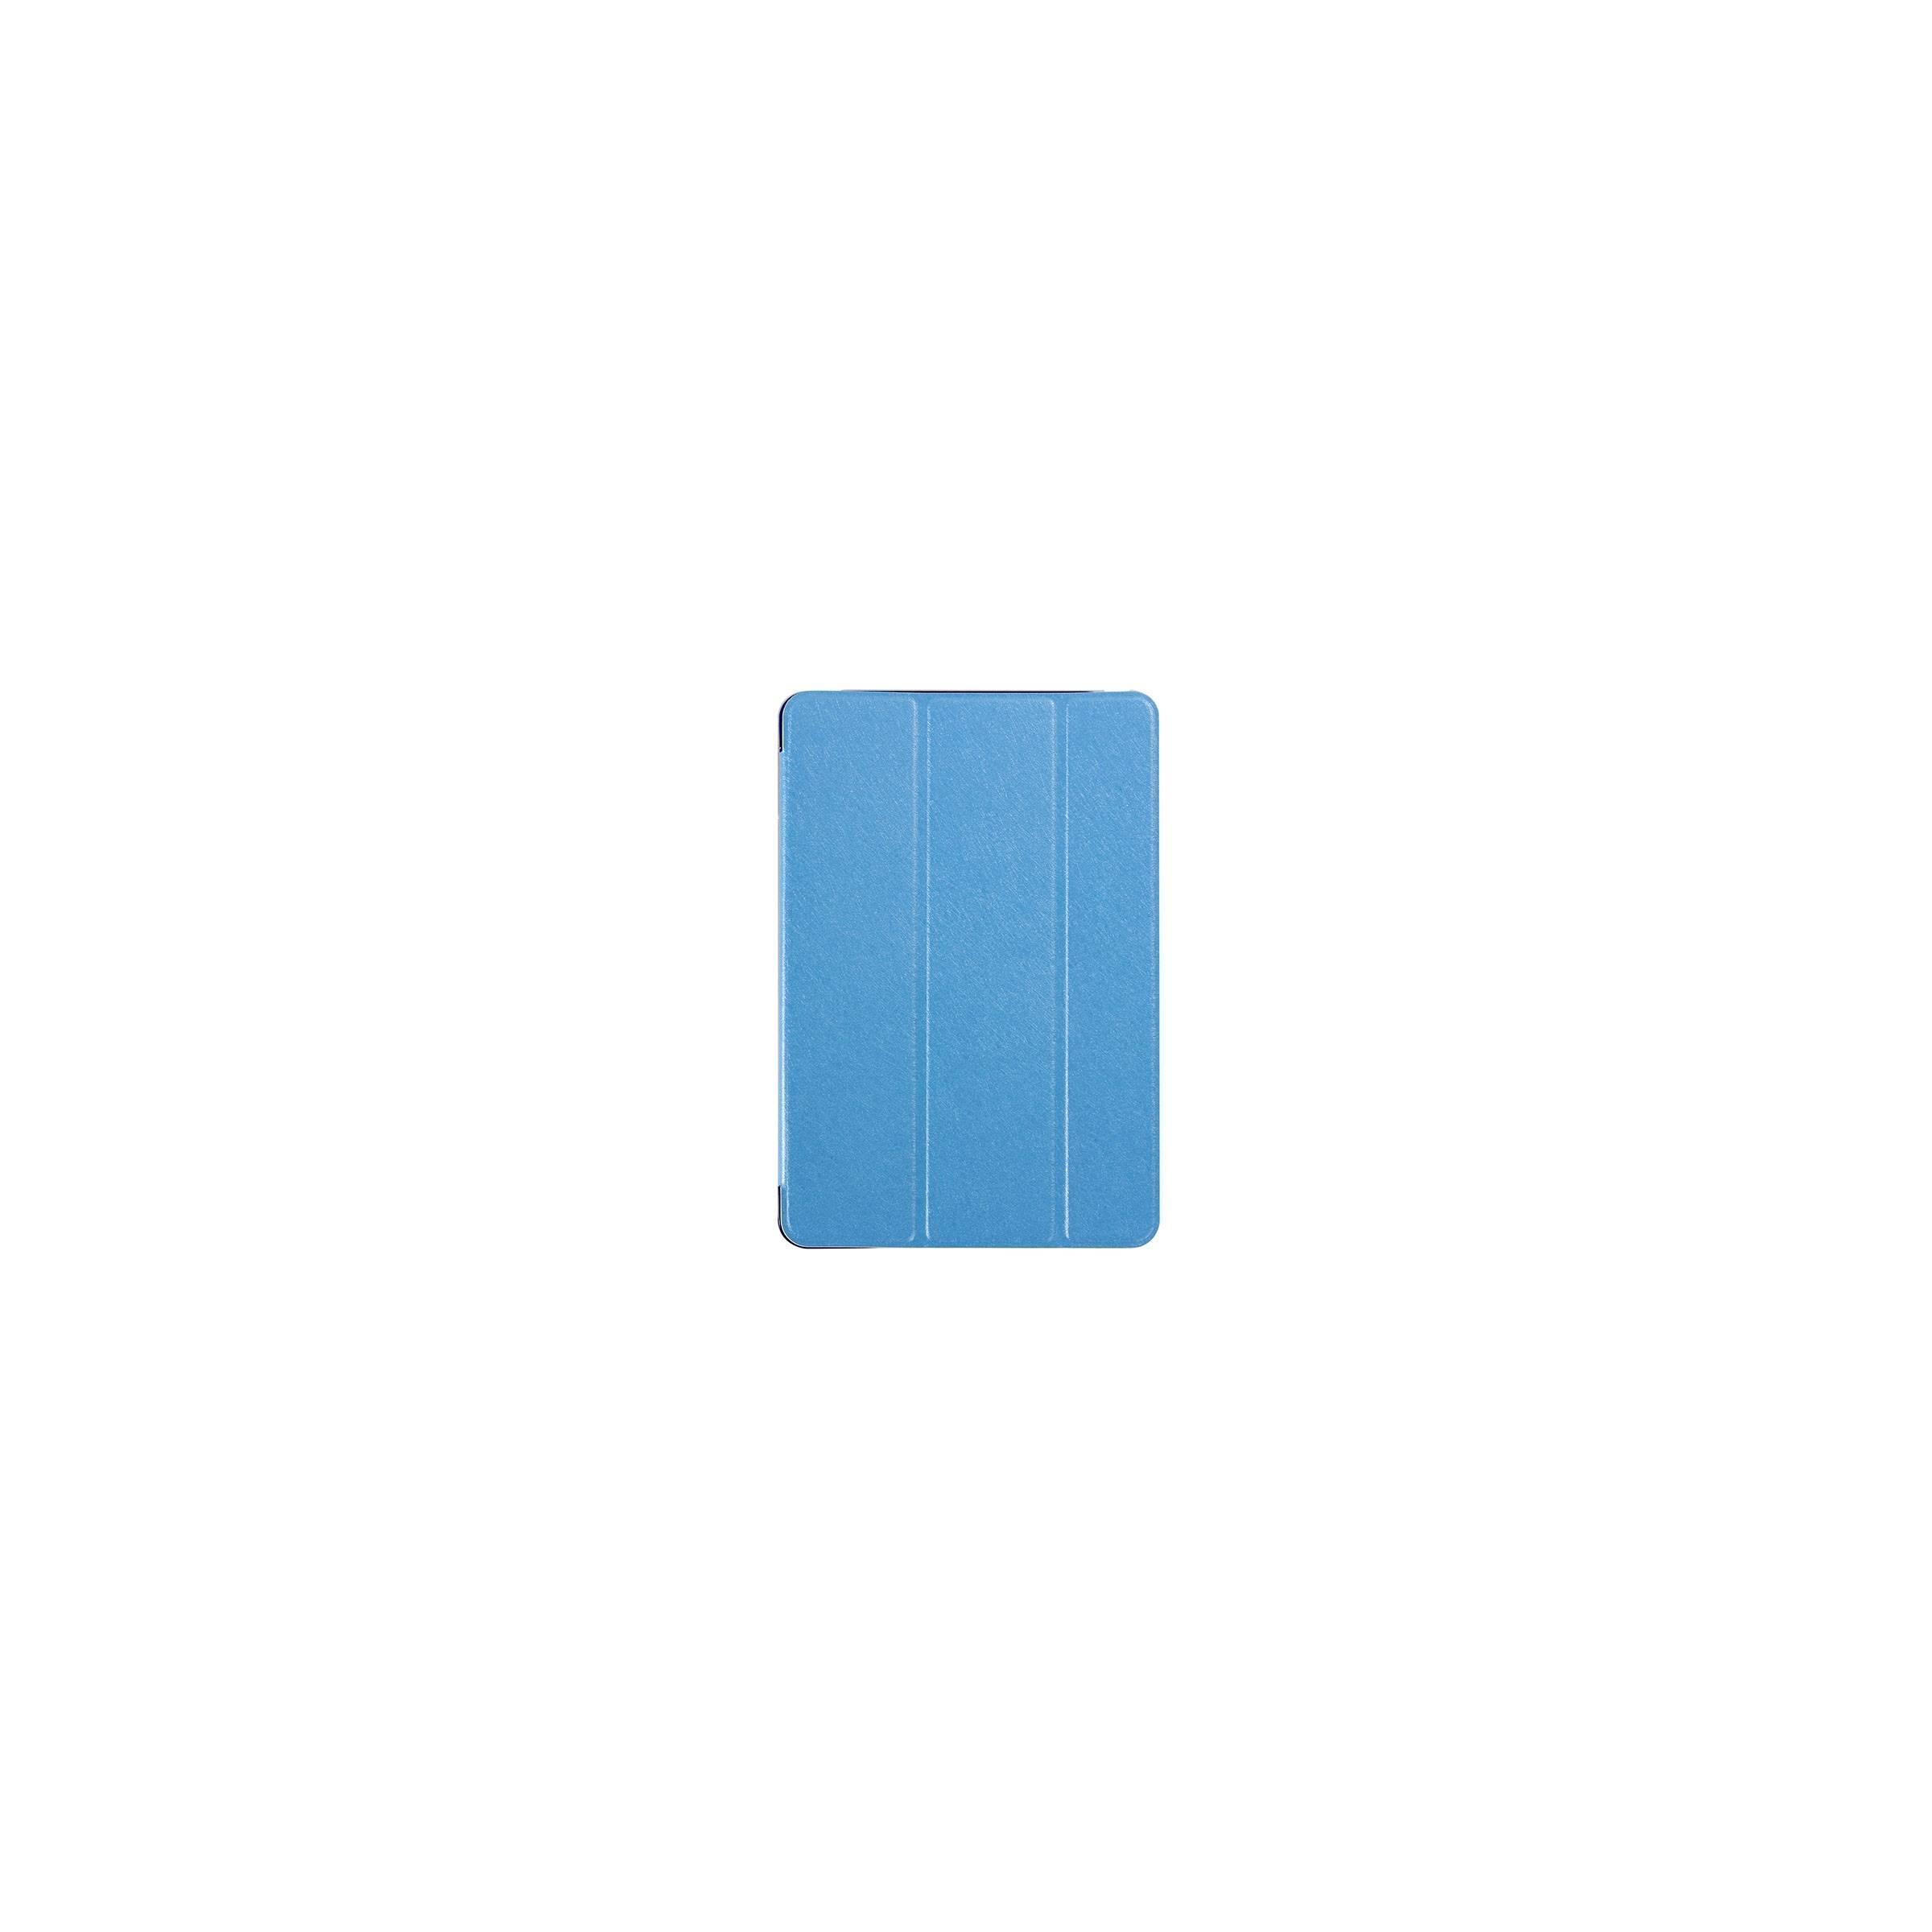 """kina oem – Ipad pro 12,9"""" cover med smartcover funktion farve turkis på mackabler.dk"""